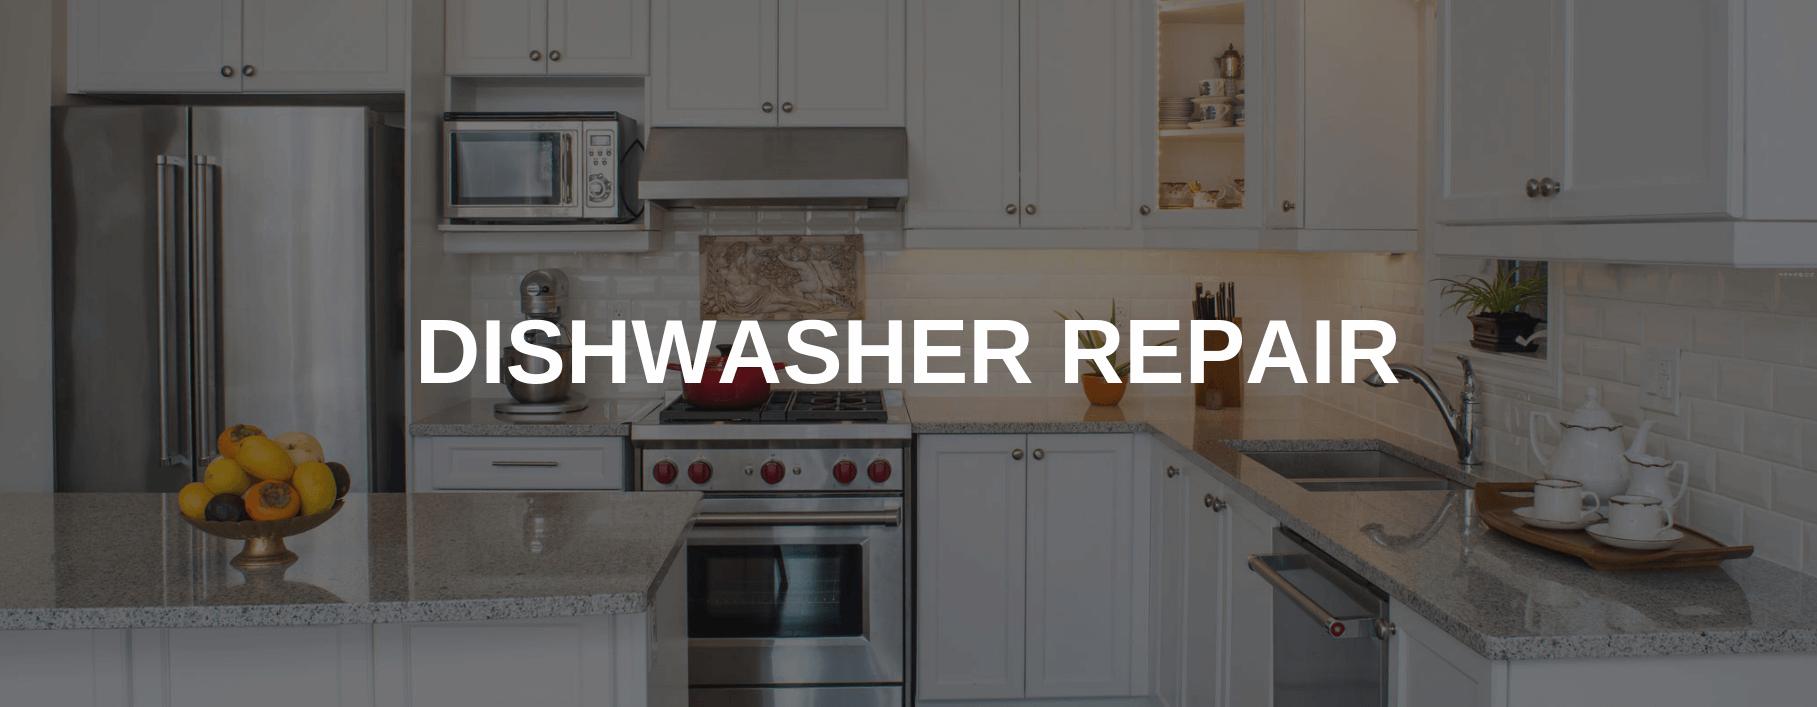 dishwasher repair lancaster